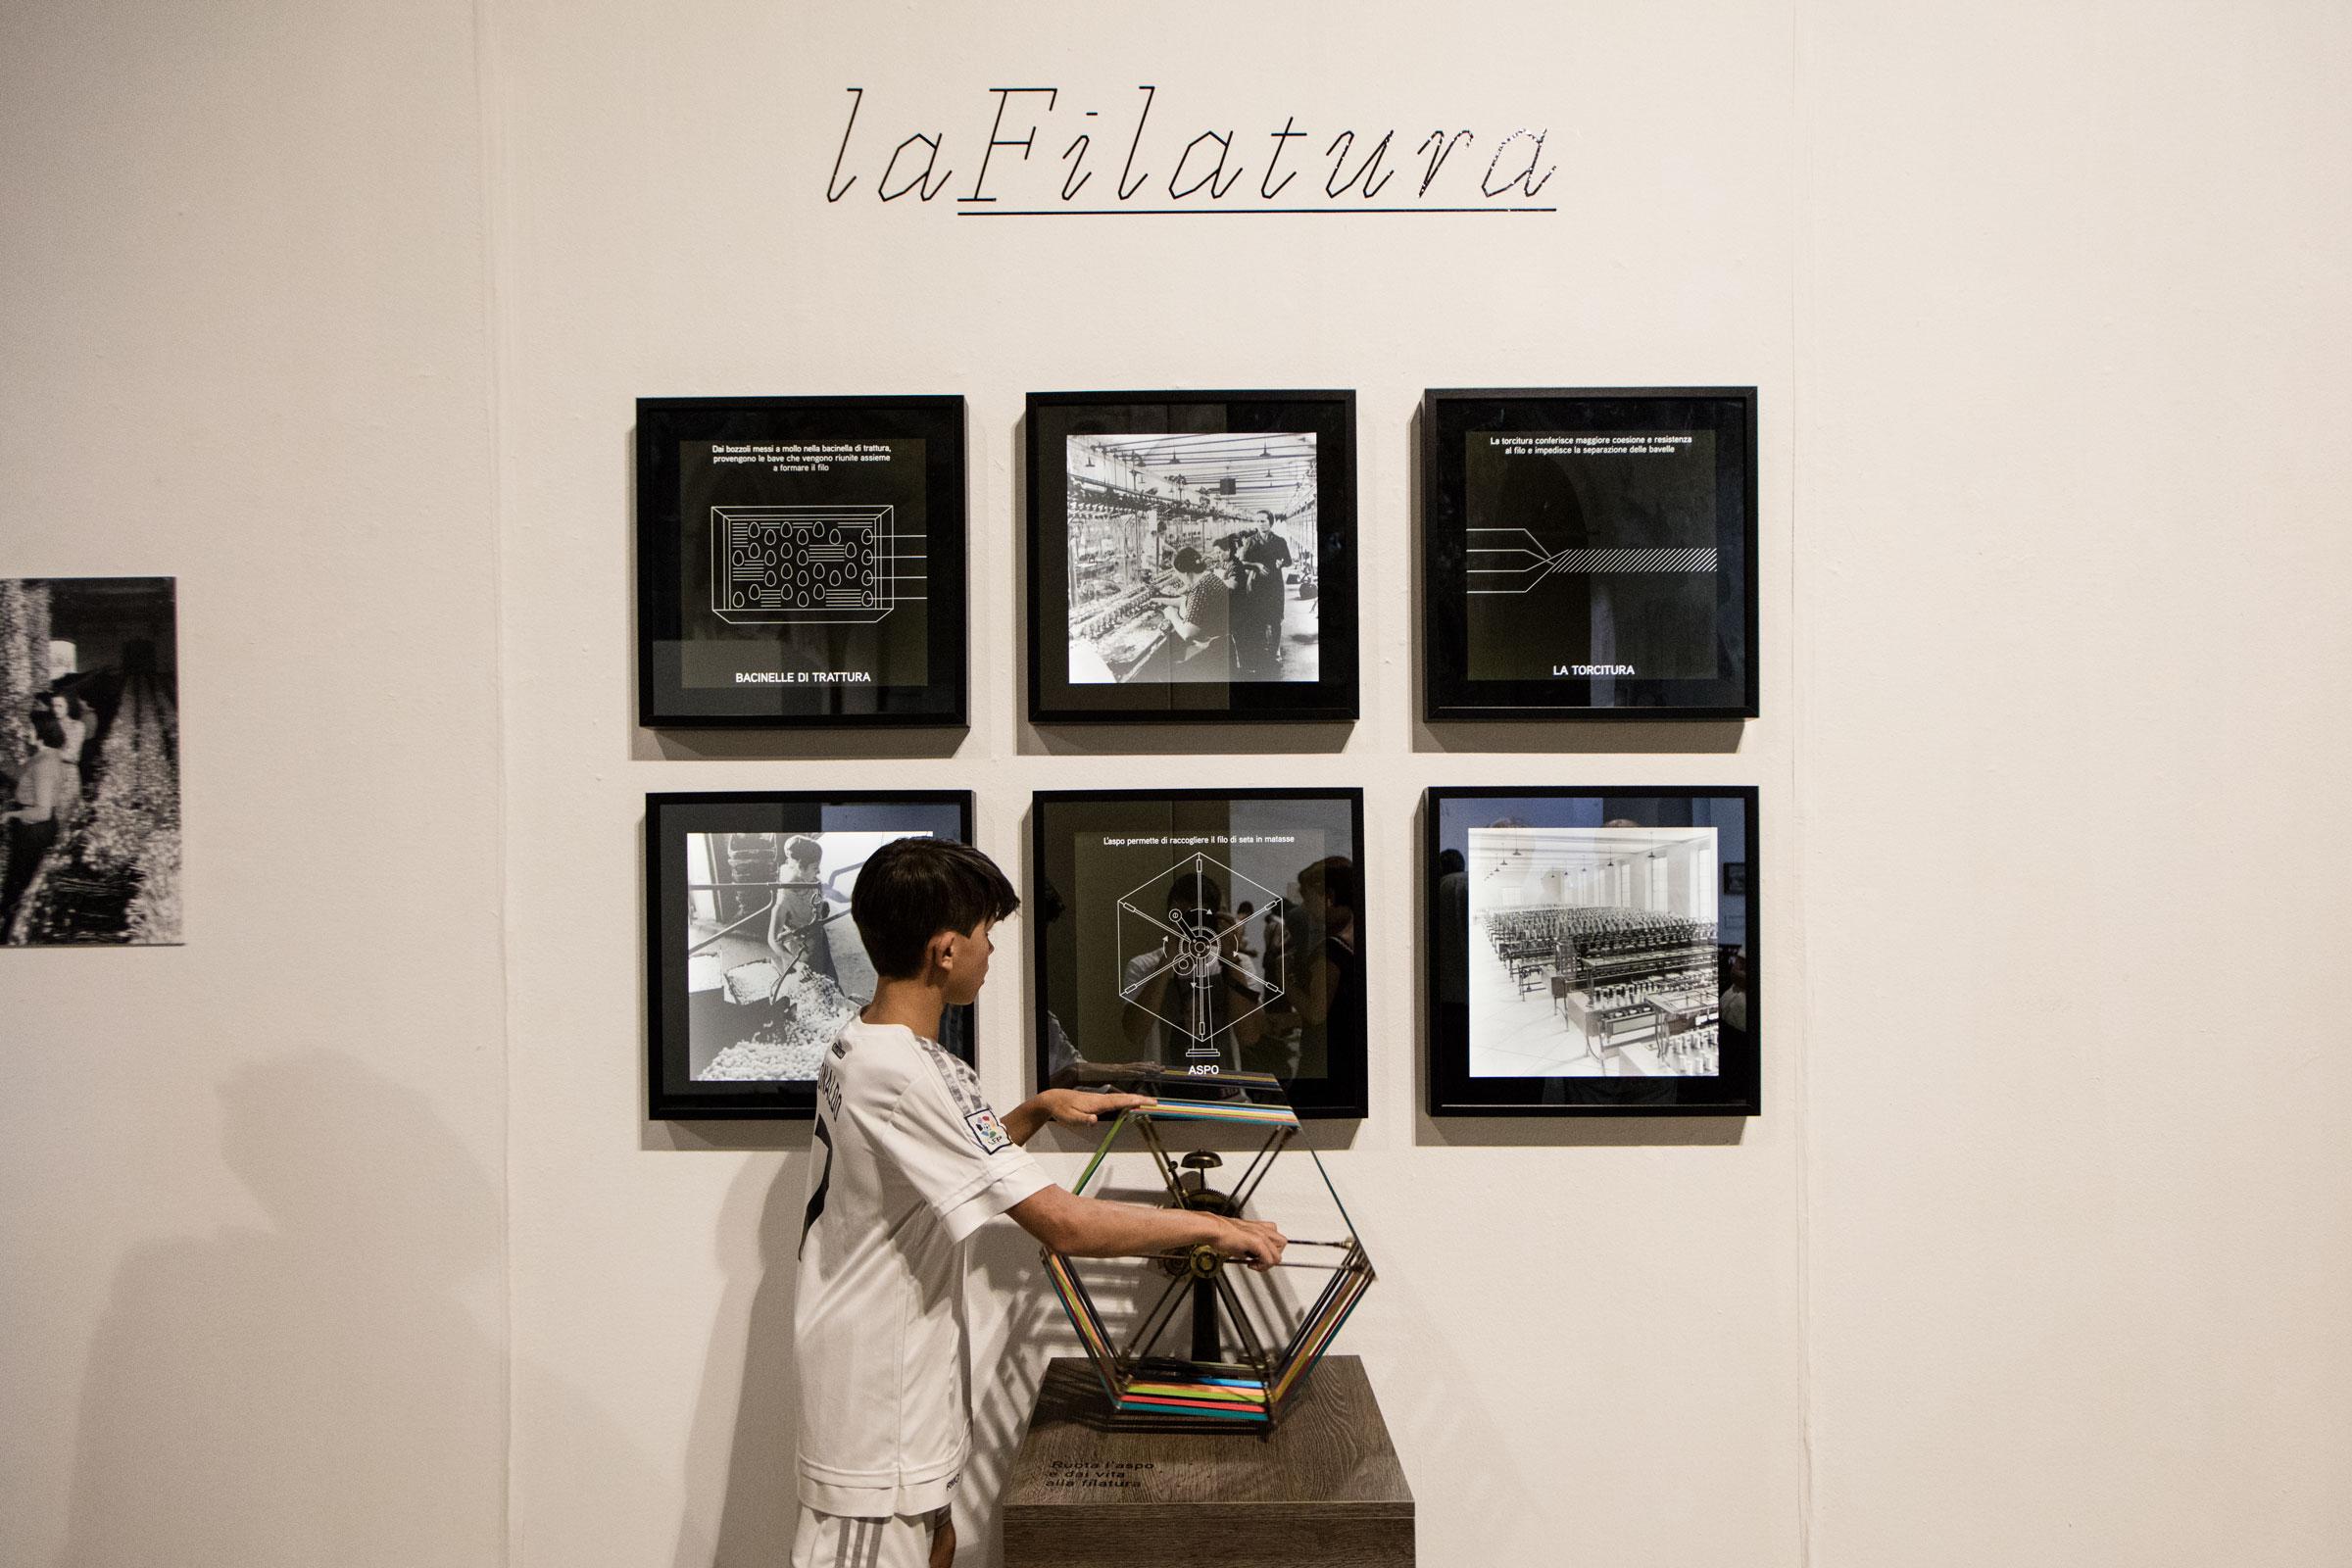 mostra fotografica interattiva